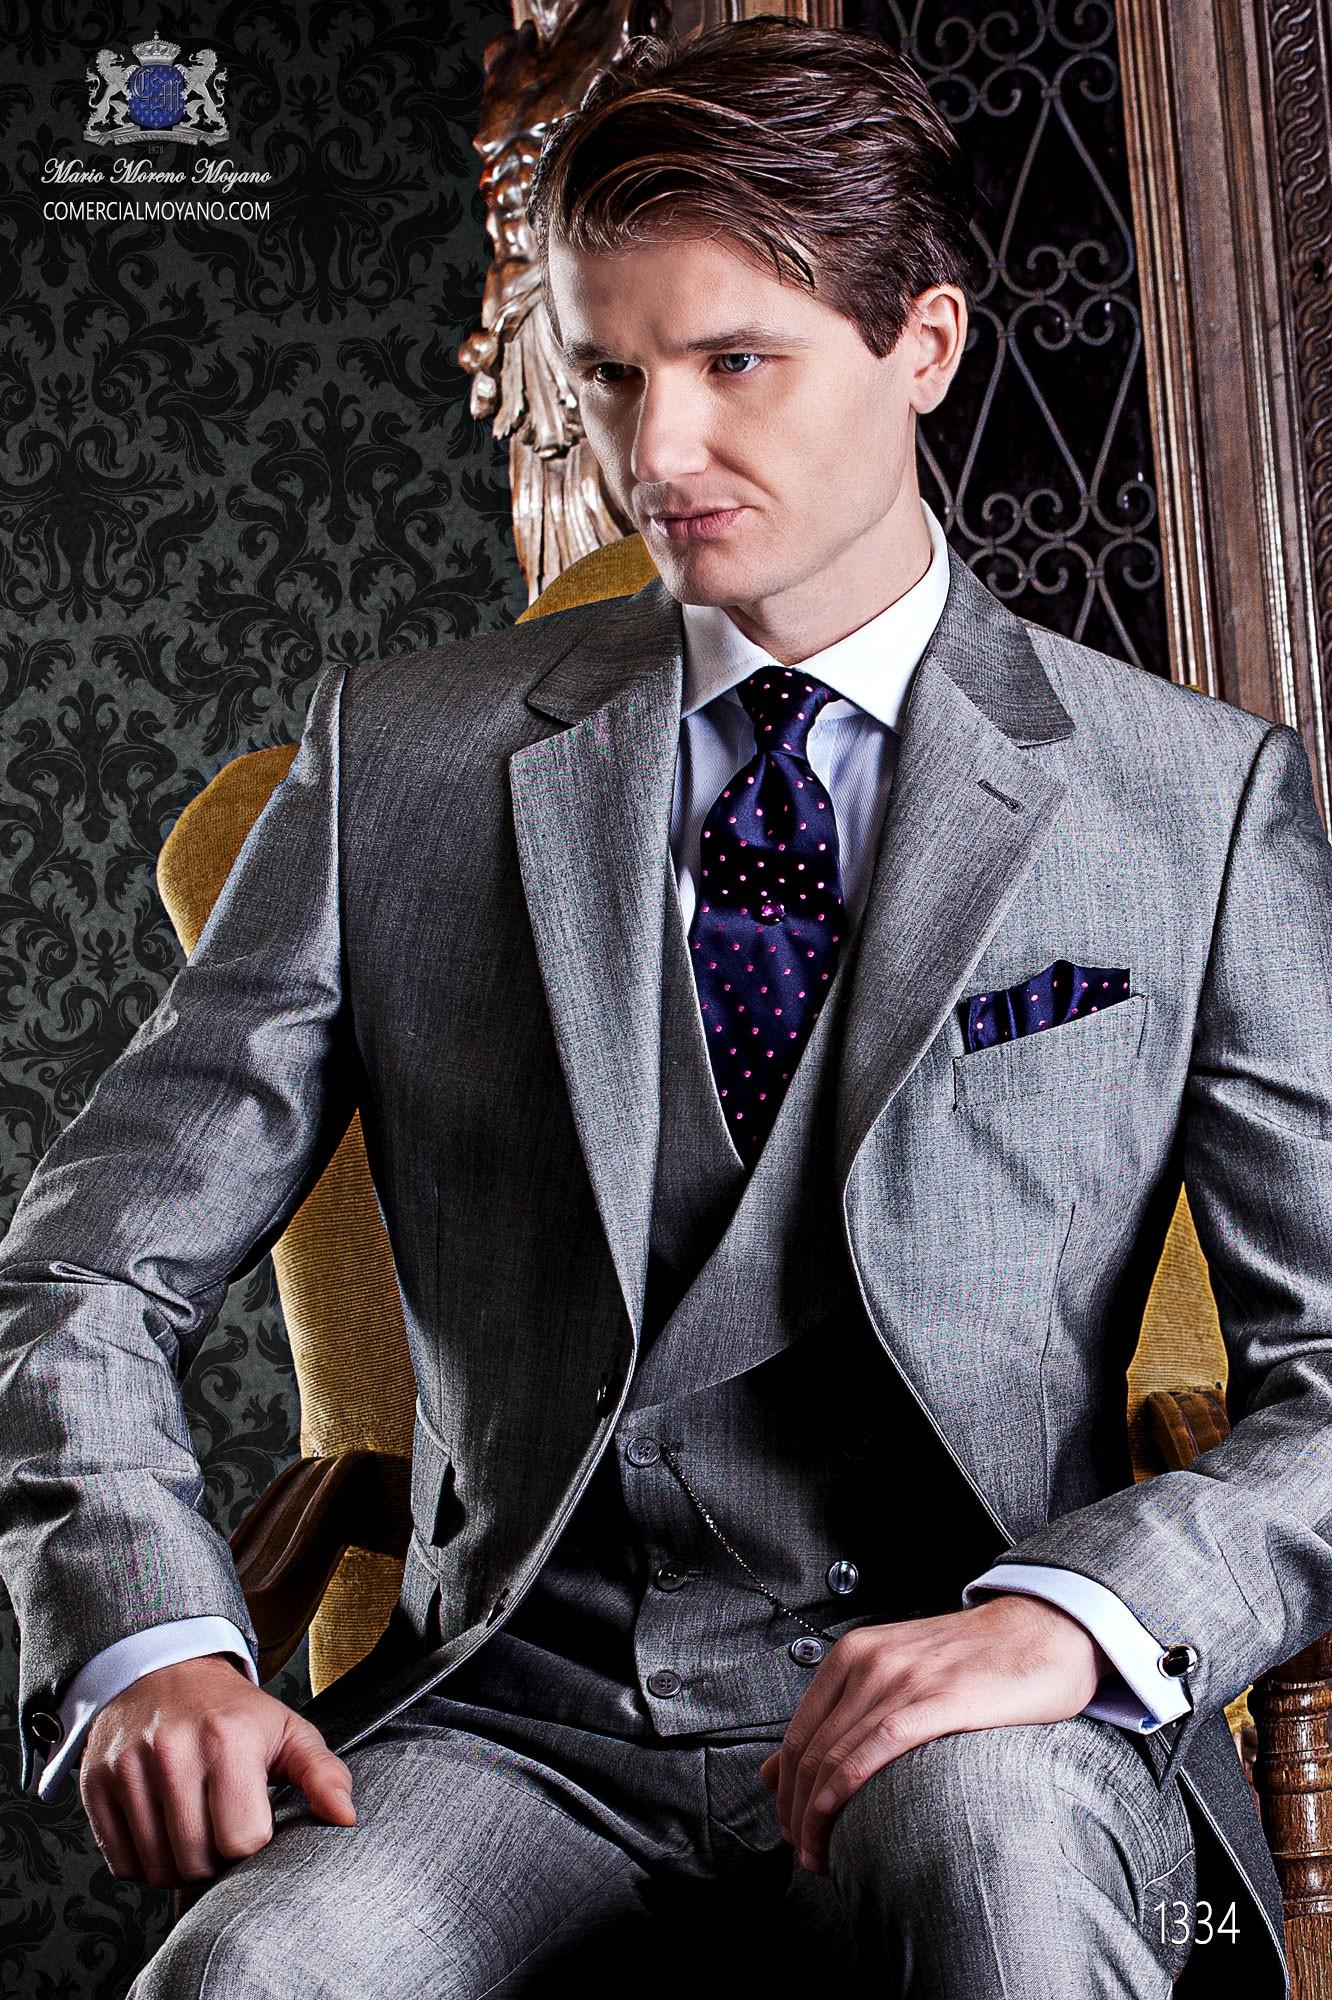 Traje de novio gris elegante de corte italiano Ottavio Nuccio 1334 42447f02ae1